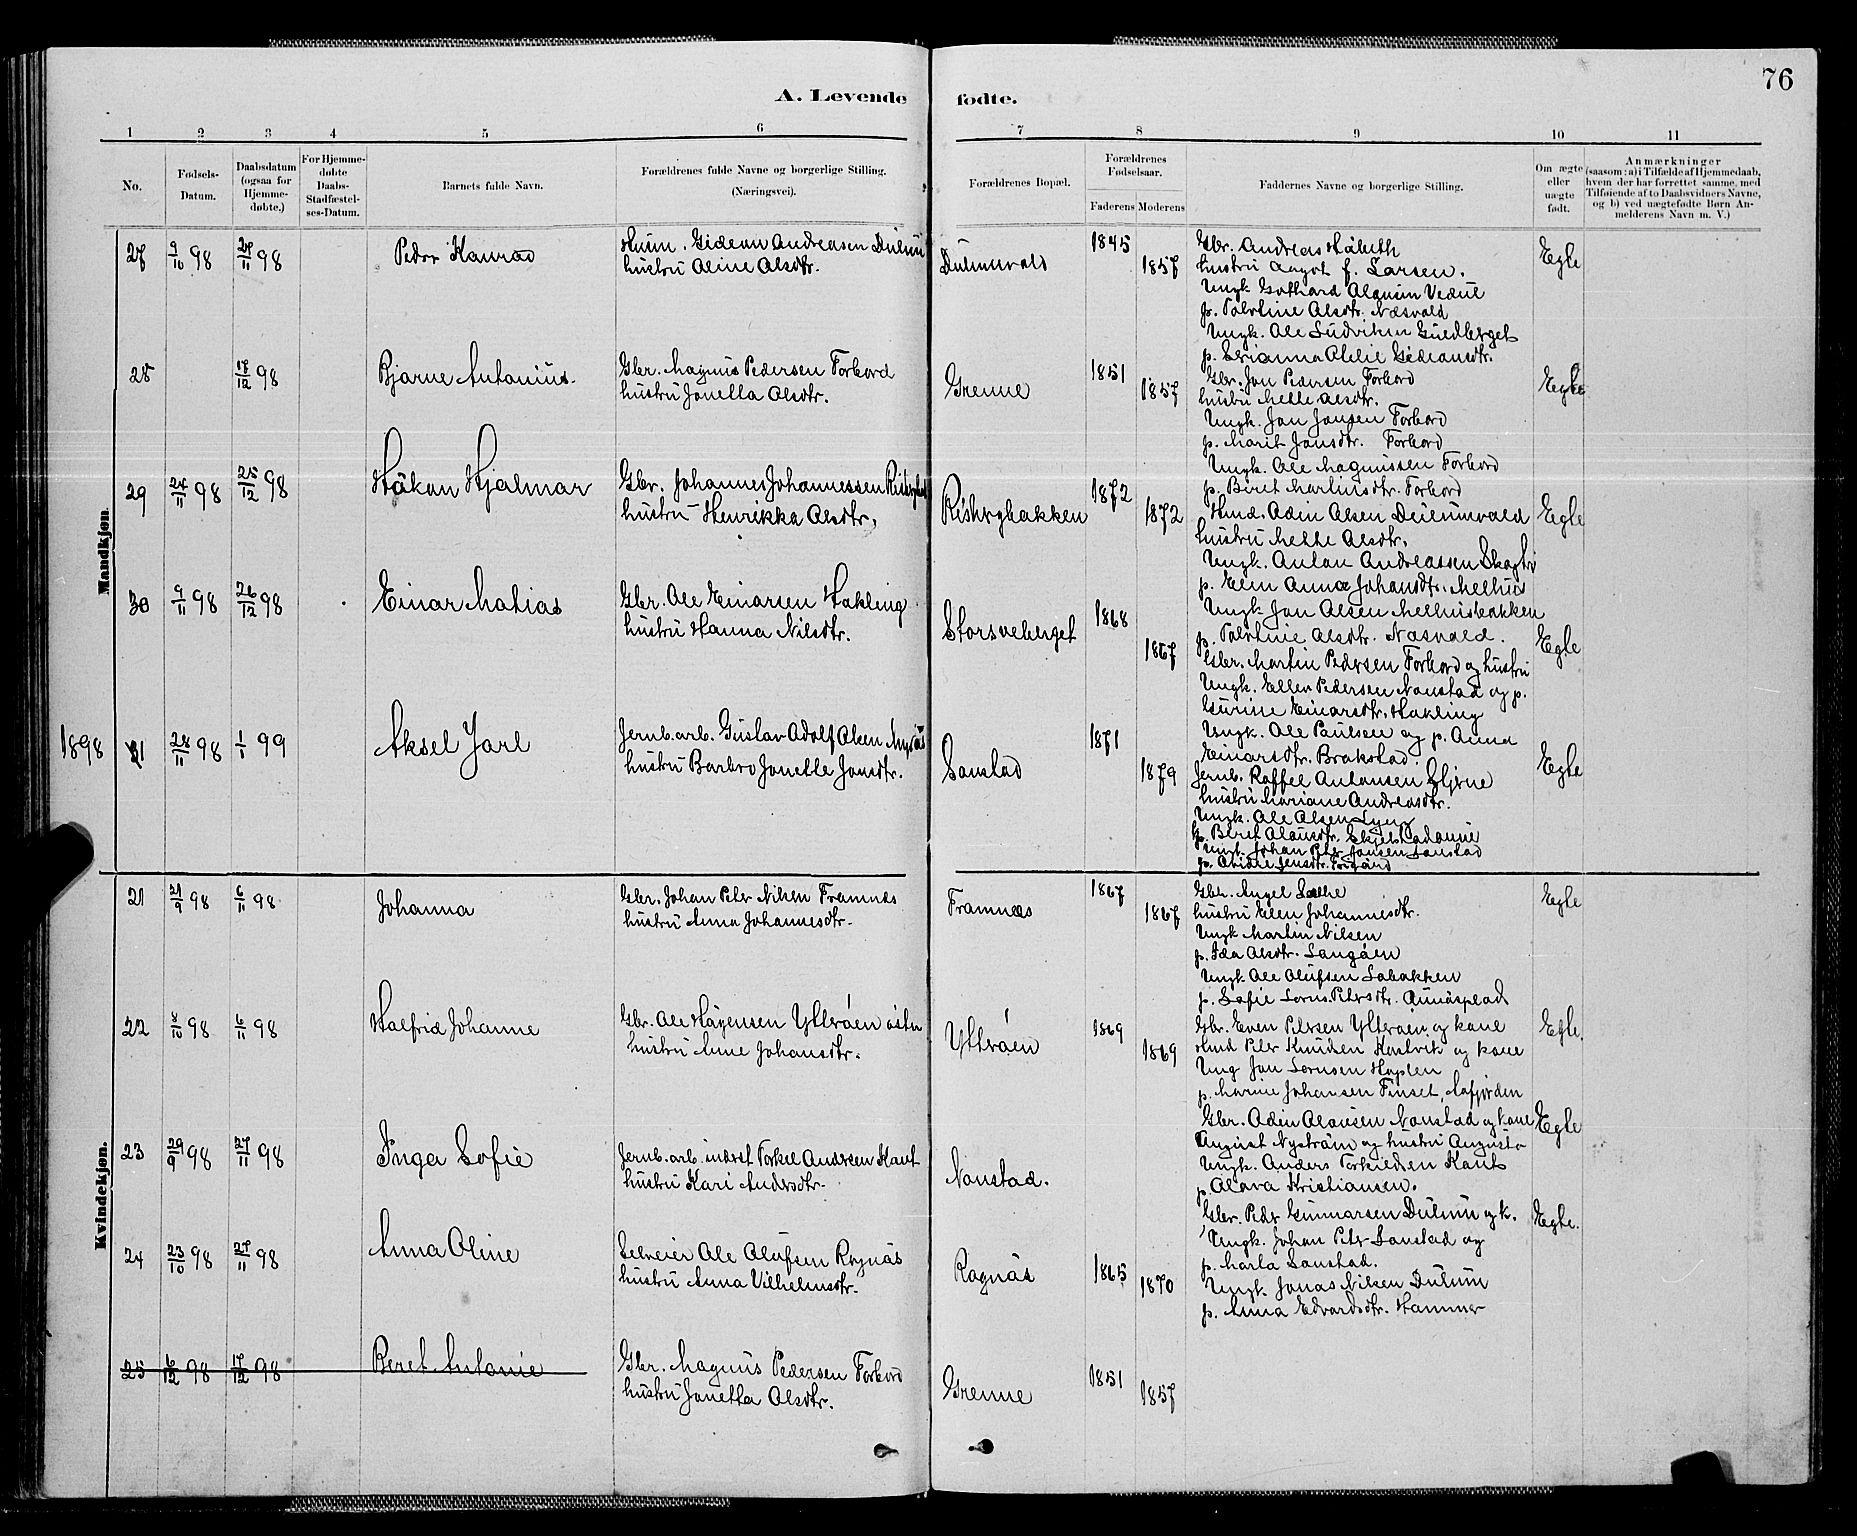 SAT, Ministerialprotokoller, klokkerbøker og fødselsregistre - Nord-Trøndelag, 714/L0134: Klokkerbok nr. 714C03, 1878-1898, s. 76